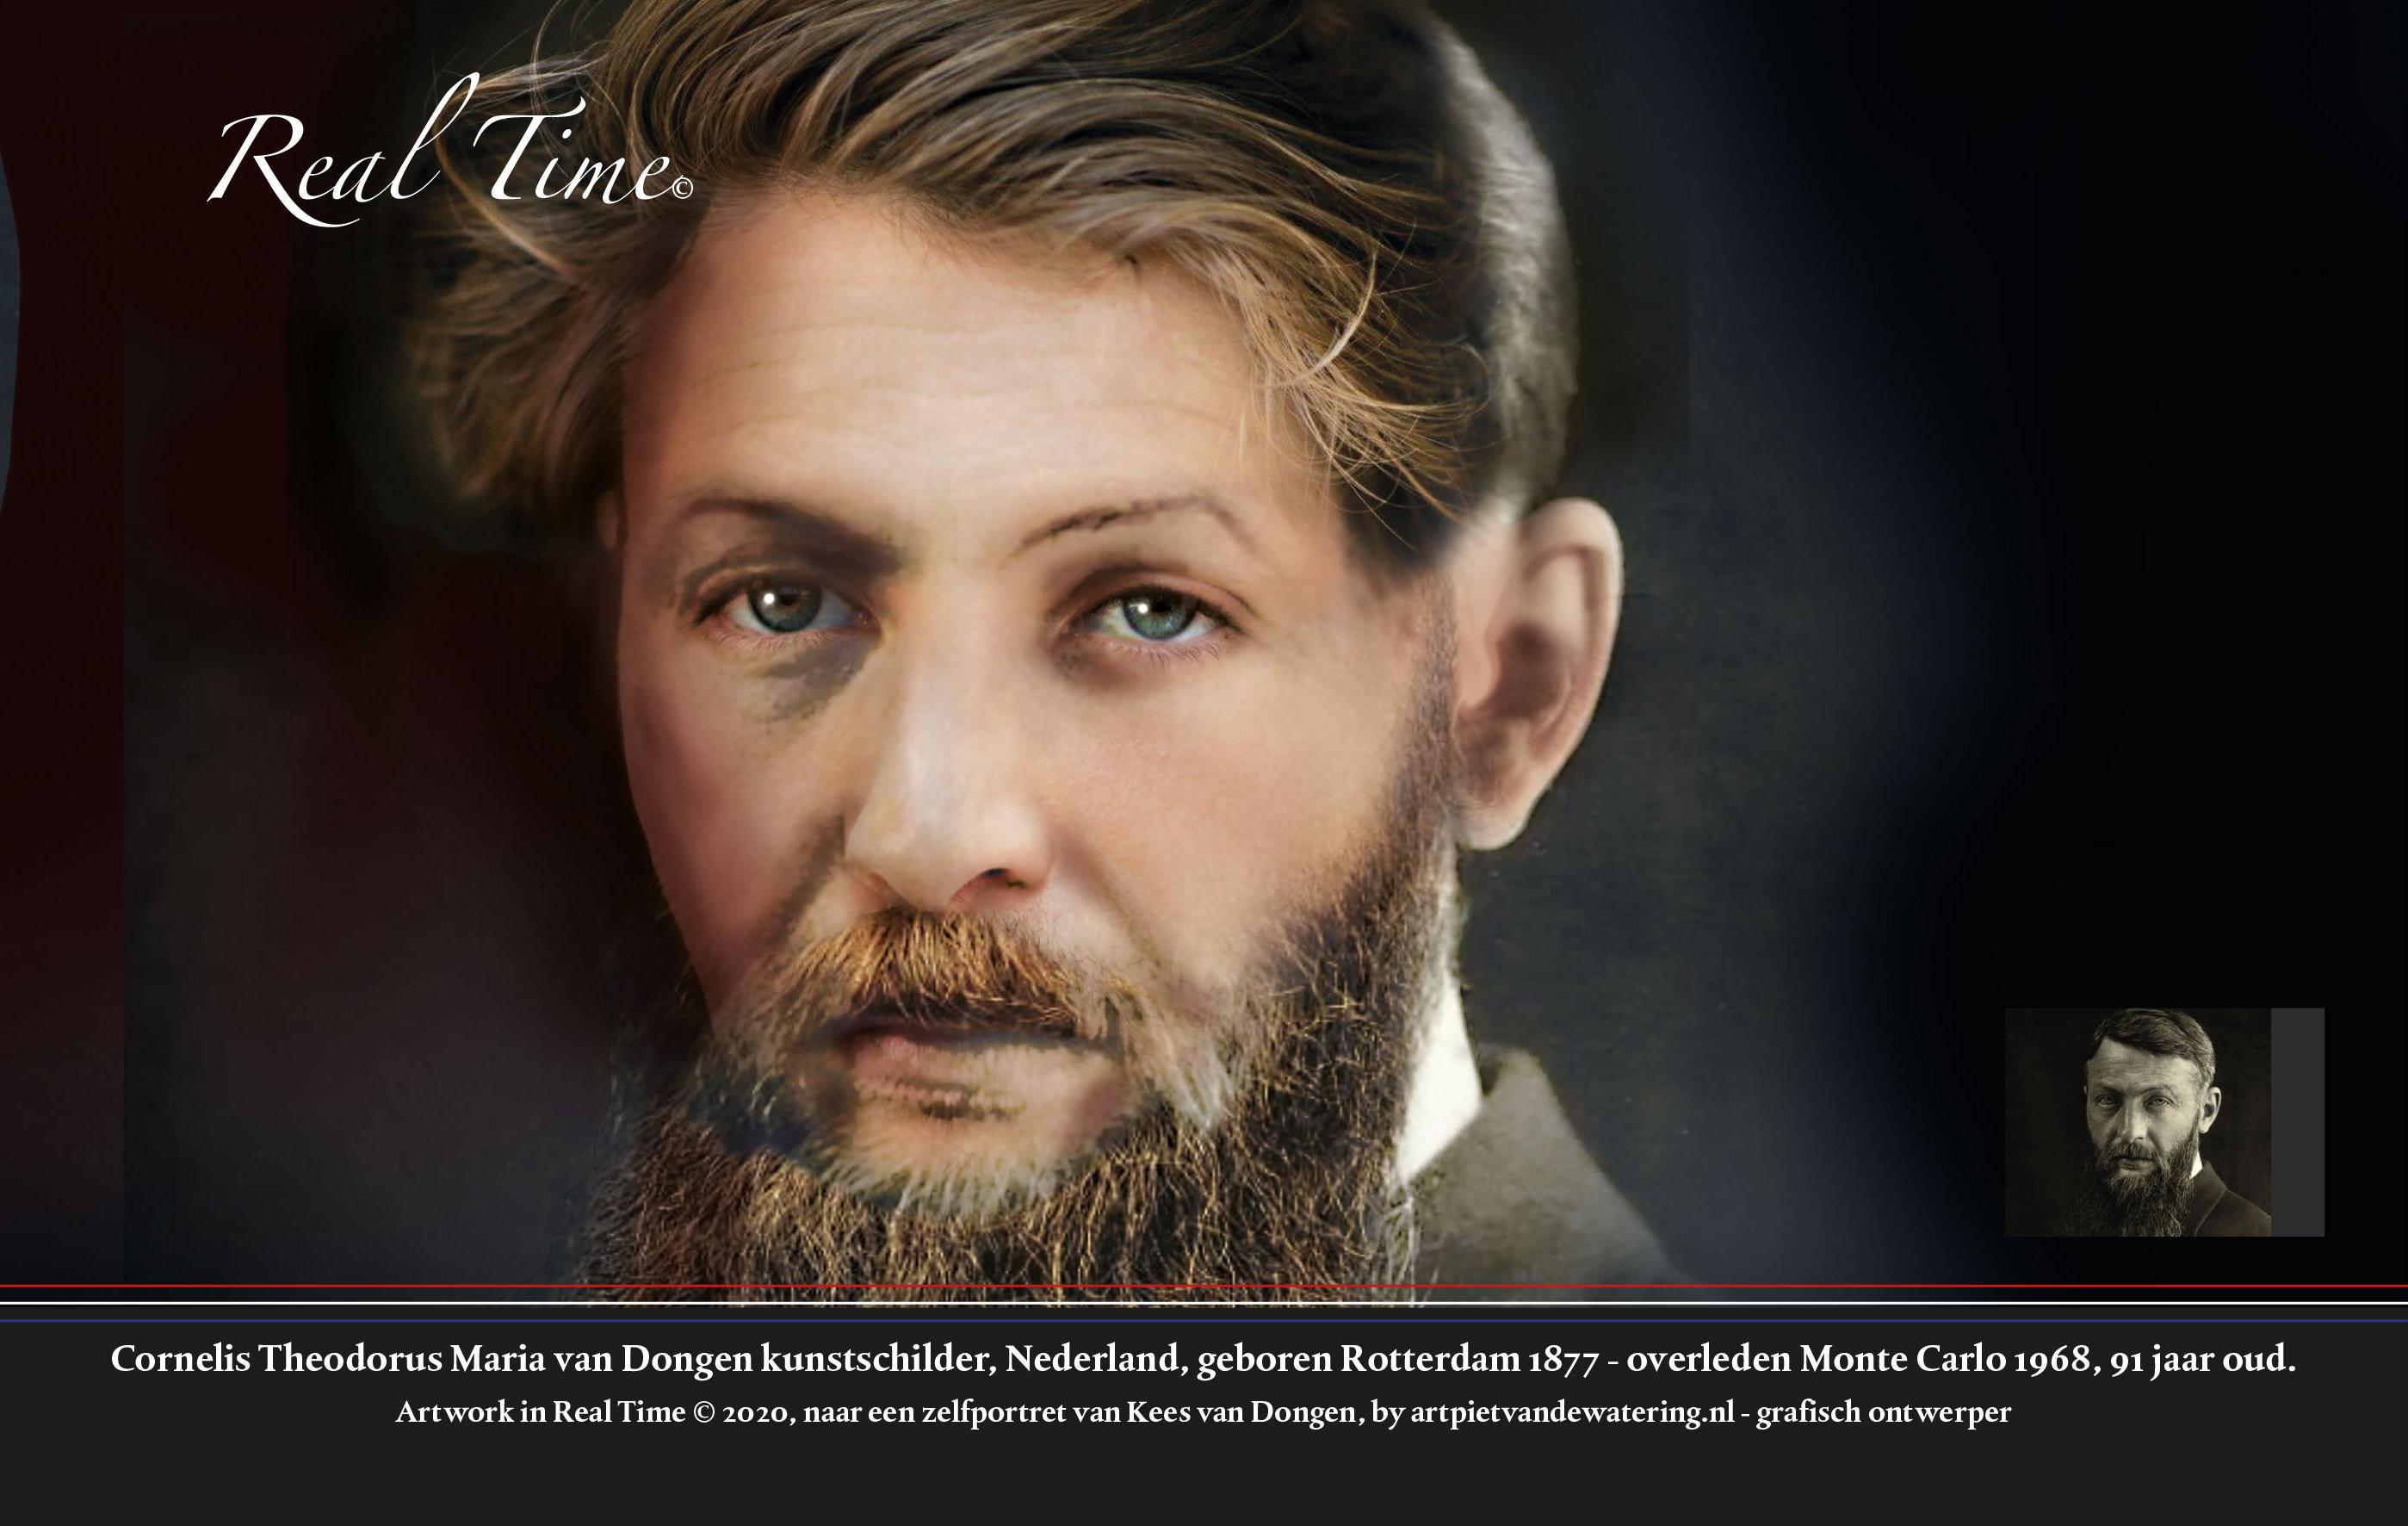 Cornelis-TM-v-Dongen-1877-1968